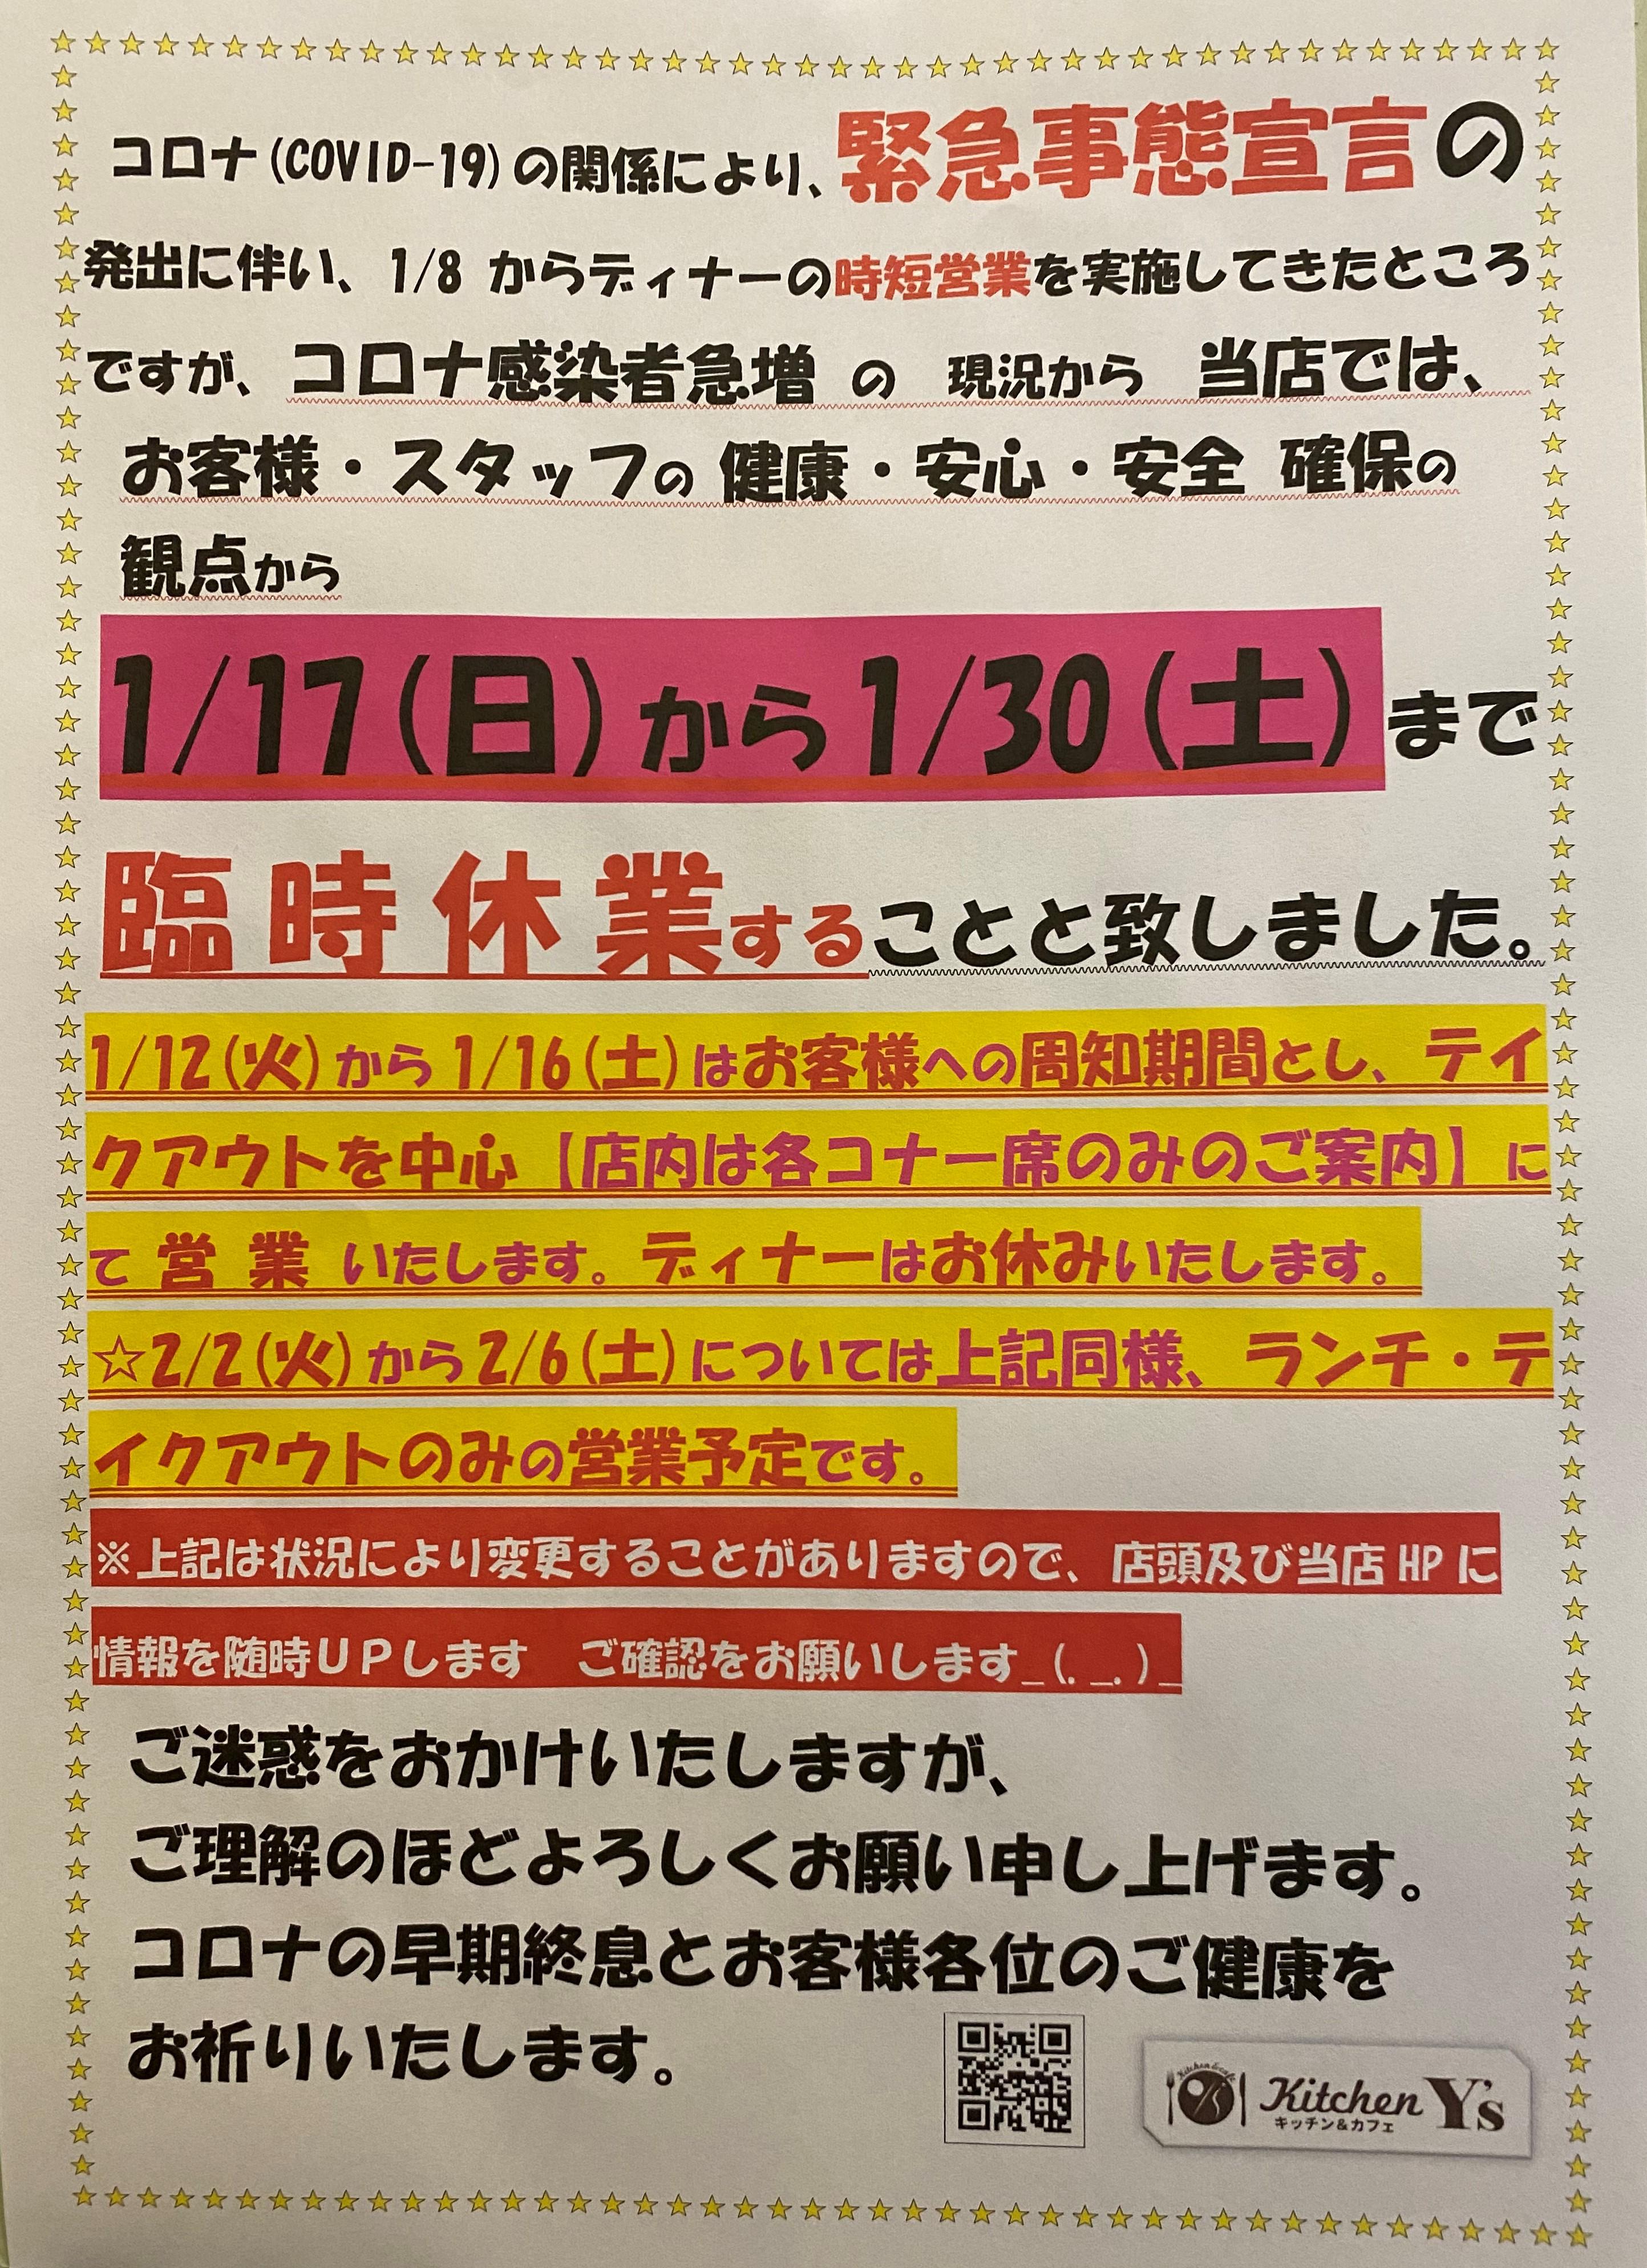 1/17(日)から1月末日まで臨時休業のお知らせ !!